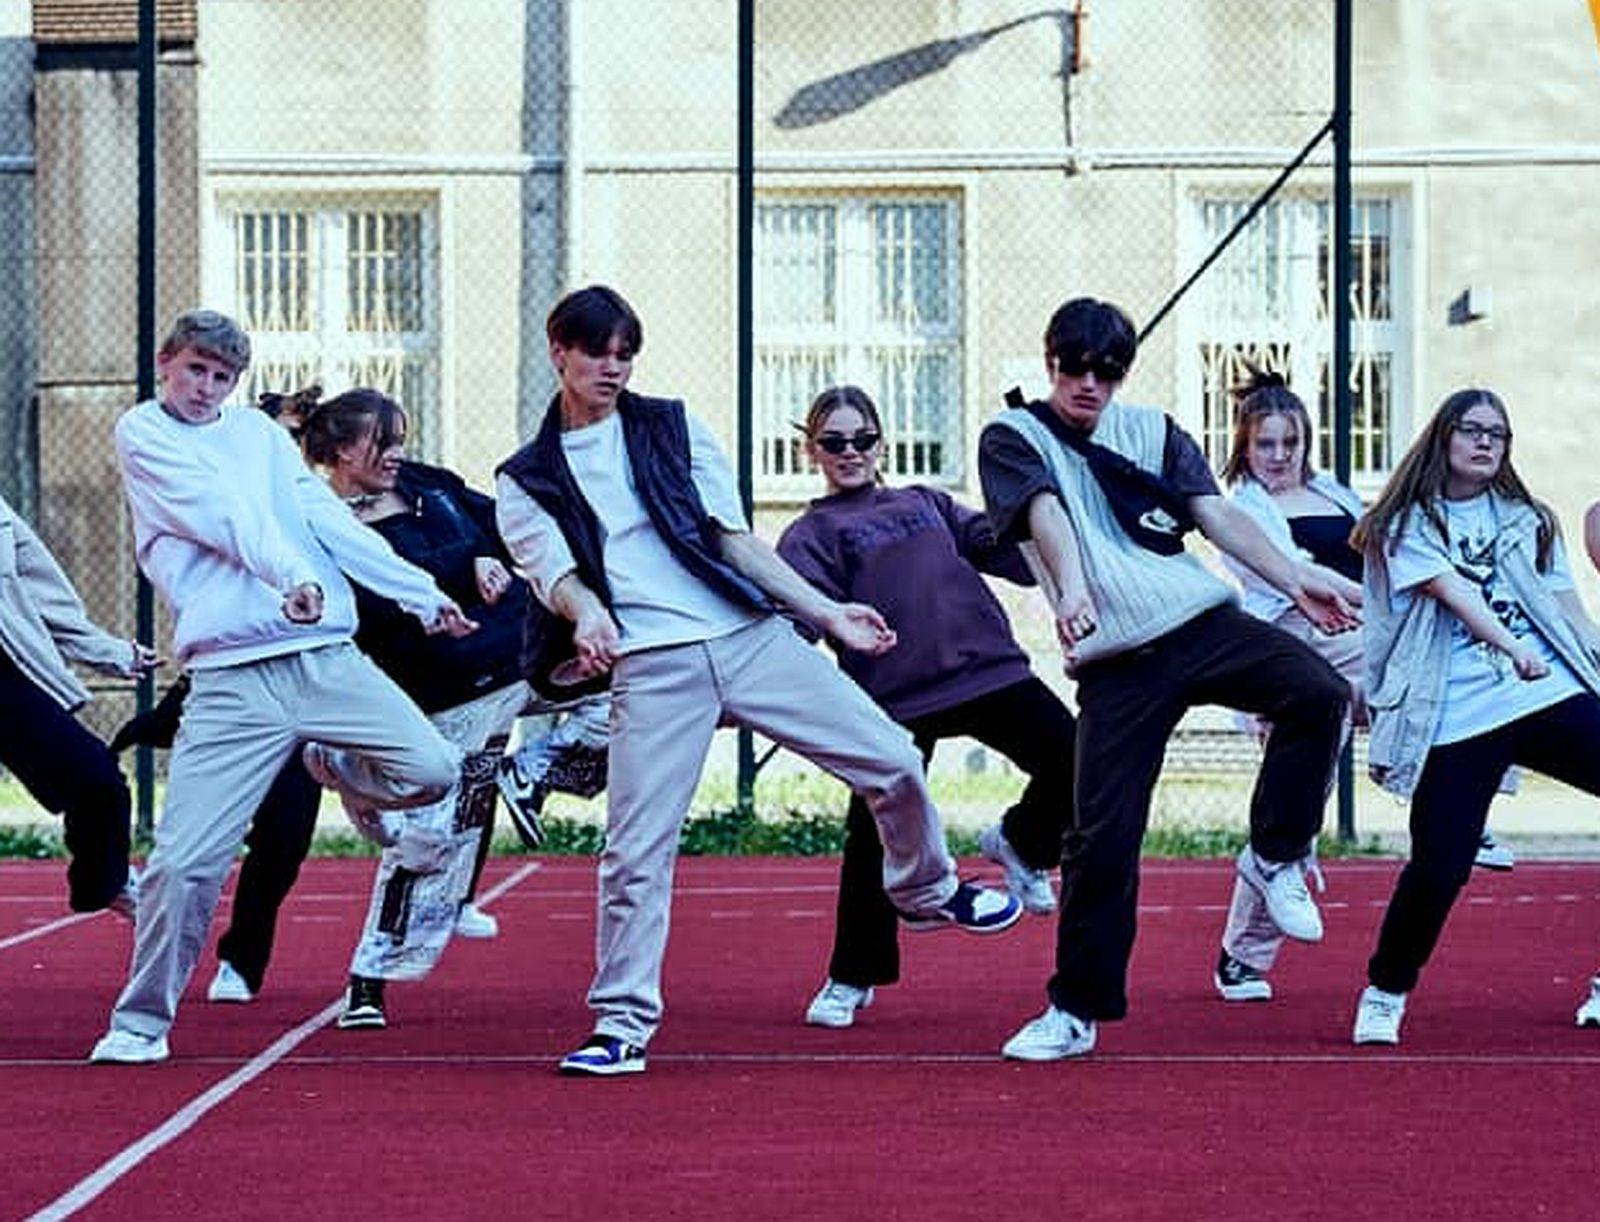 Będą uczyć tańca hip-hop w Pleszewie. Trwają zapisy! - Zdjęcie główne